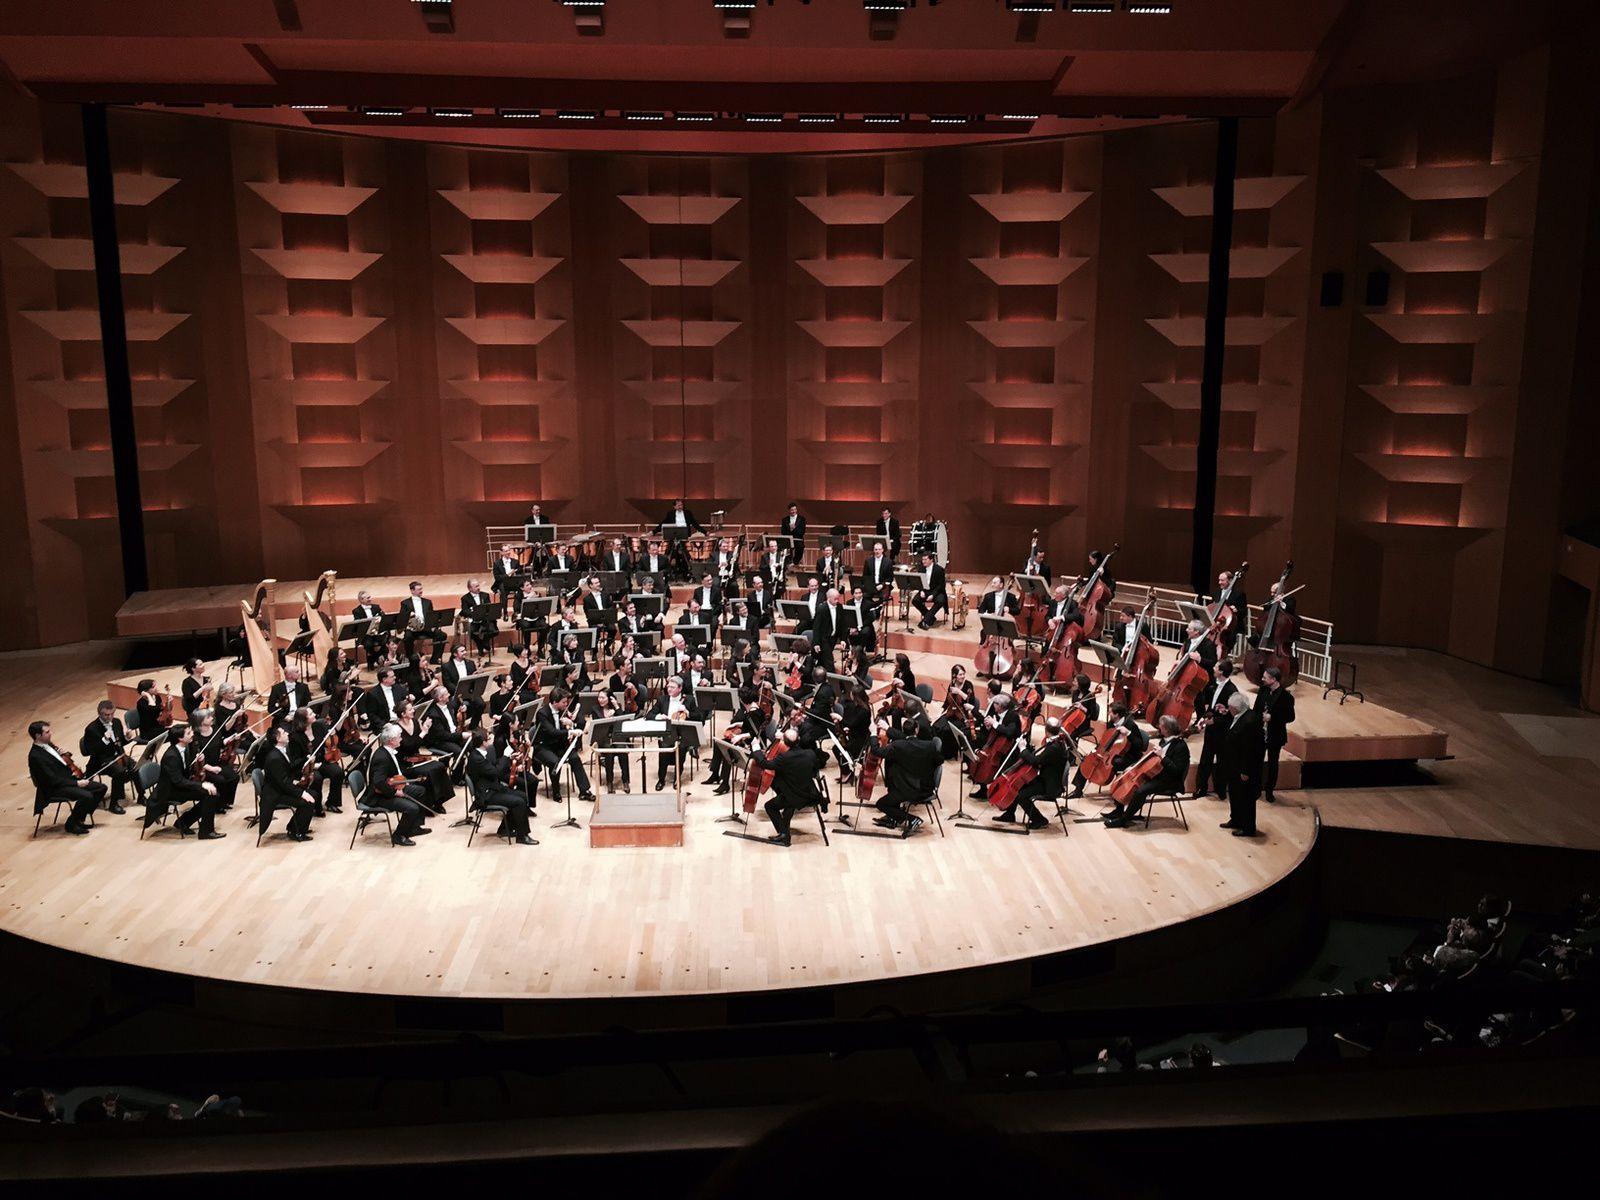 40 ans de l' Auditorium avec la Fantastique de Berlioz